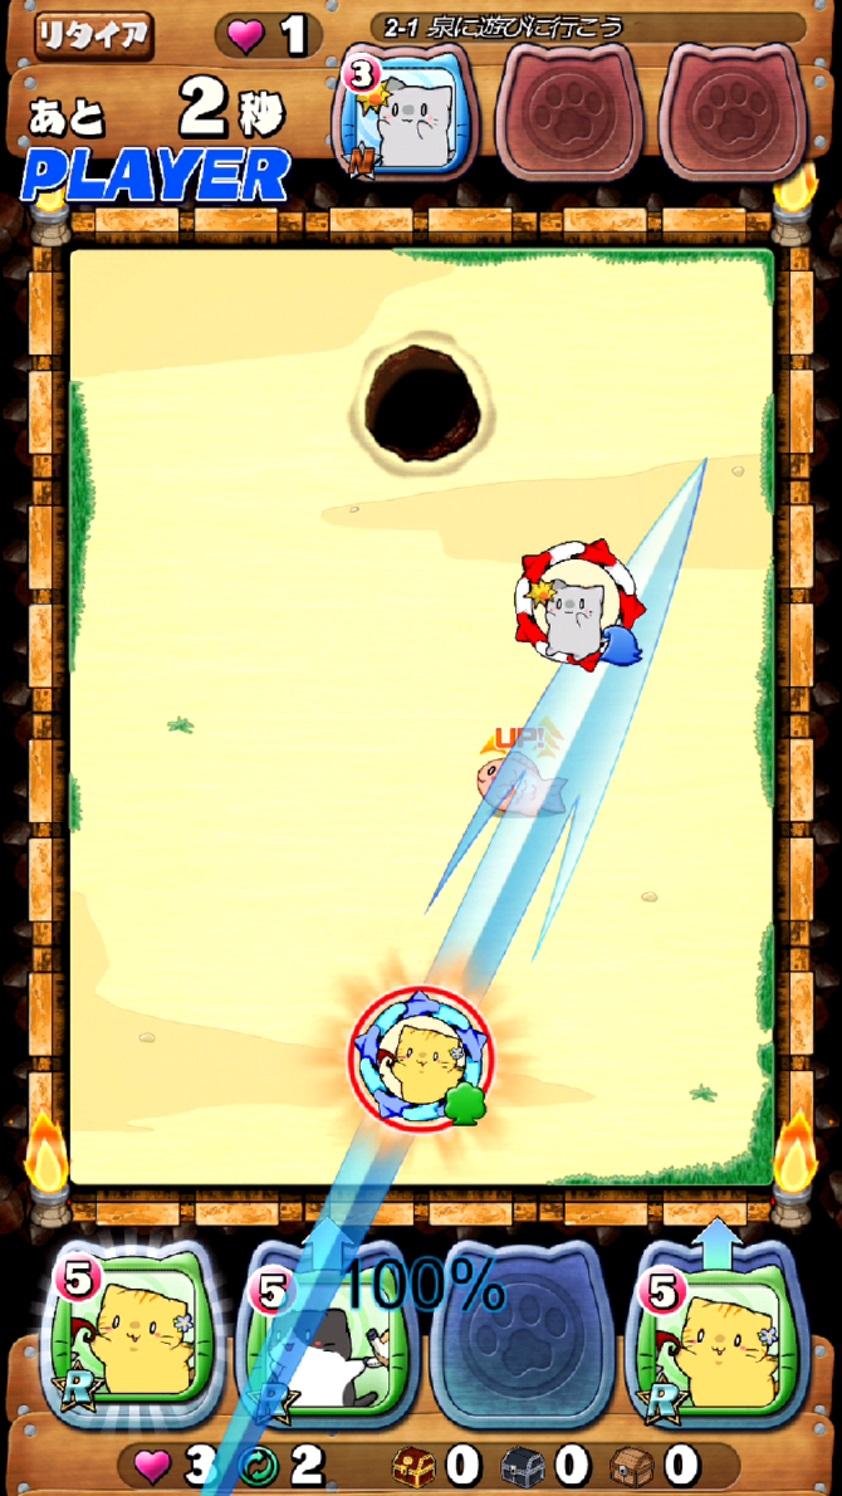 にゃんこ島 スマッシュバトル androidアプリスクリーンショット3